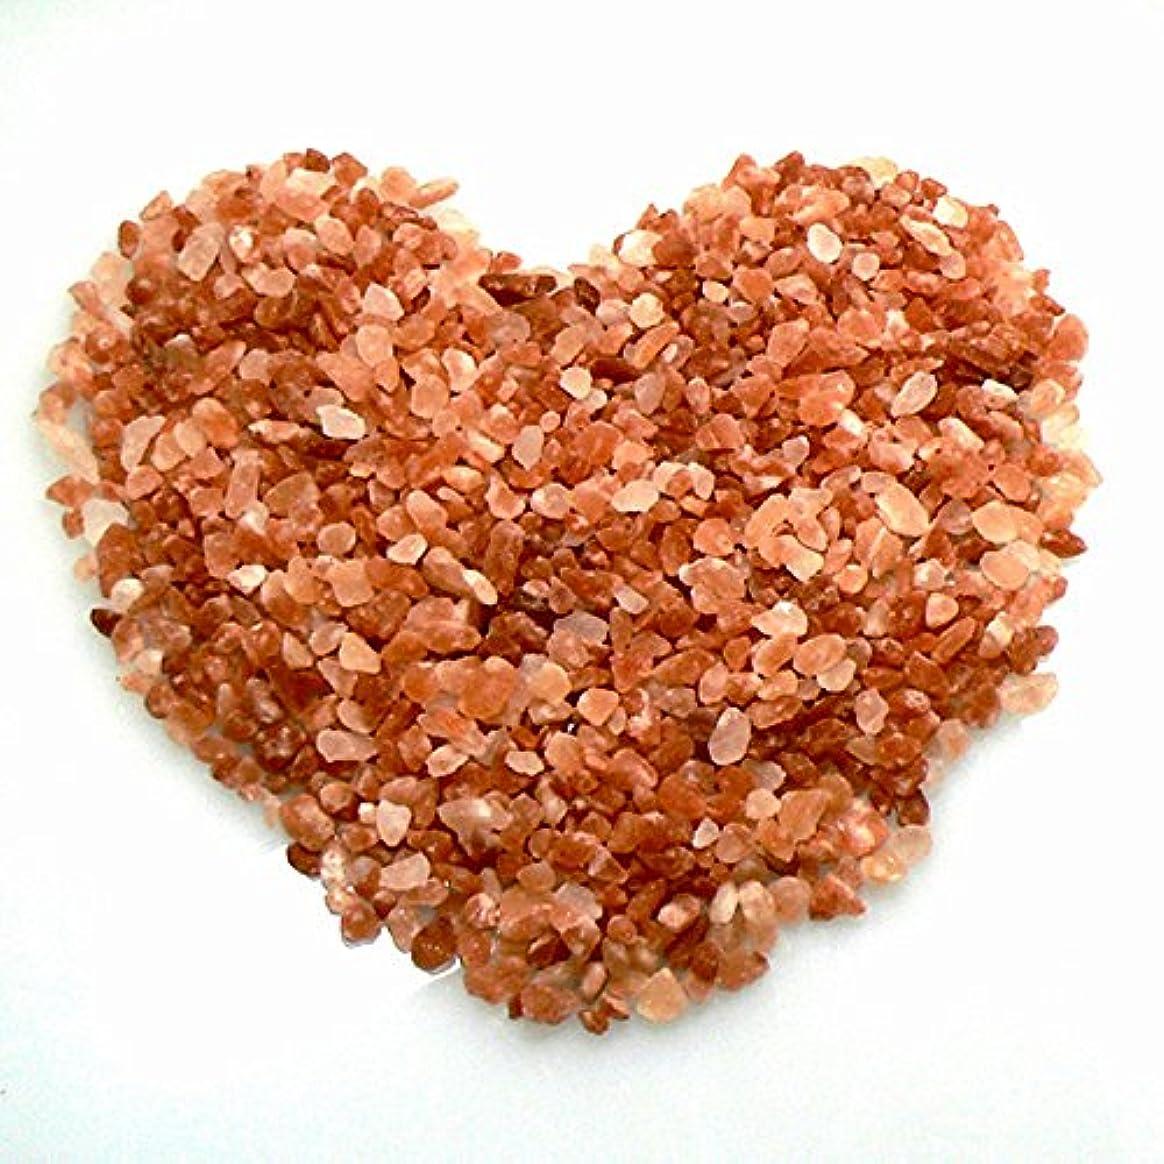 ユーザー入る気球ヒマラヤ岩塩 ピンクソルト 入浴用 バスソルト(小粒)2kg ピンク岩塩